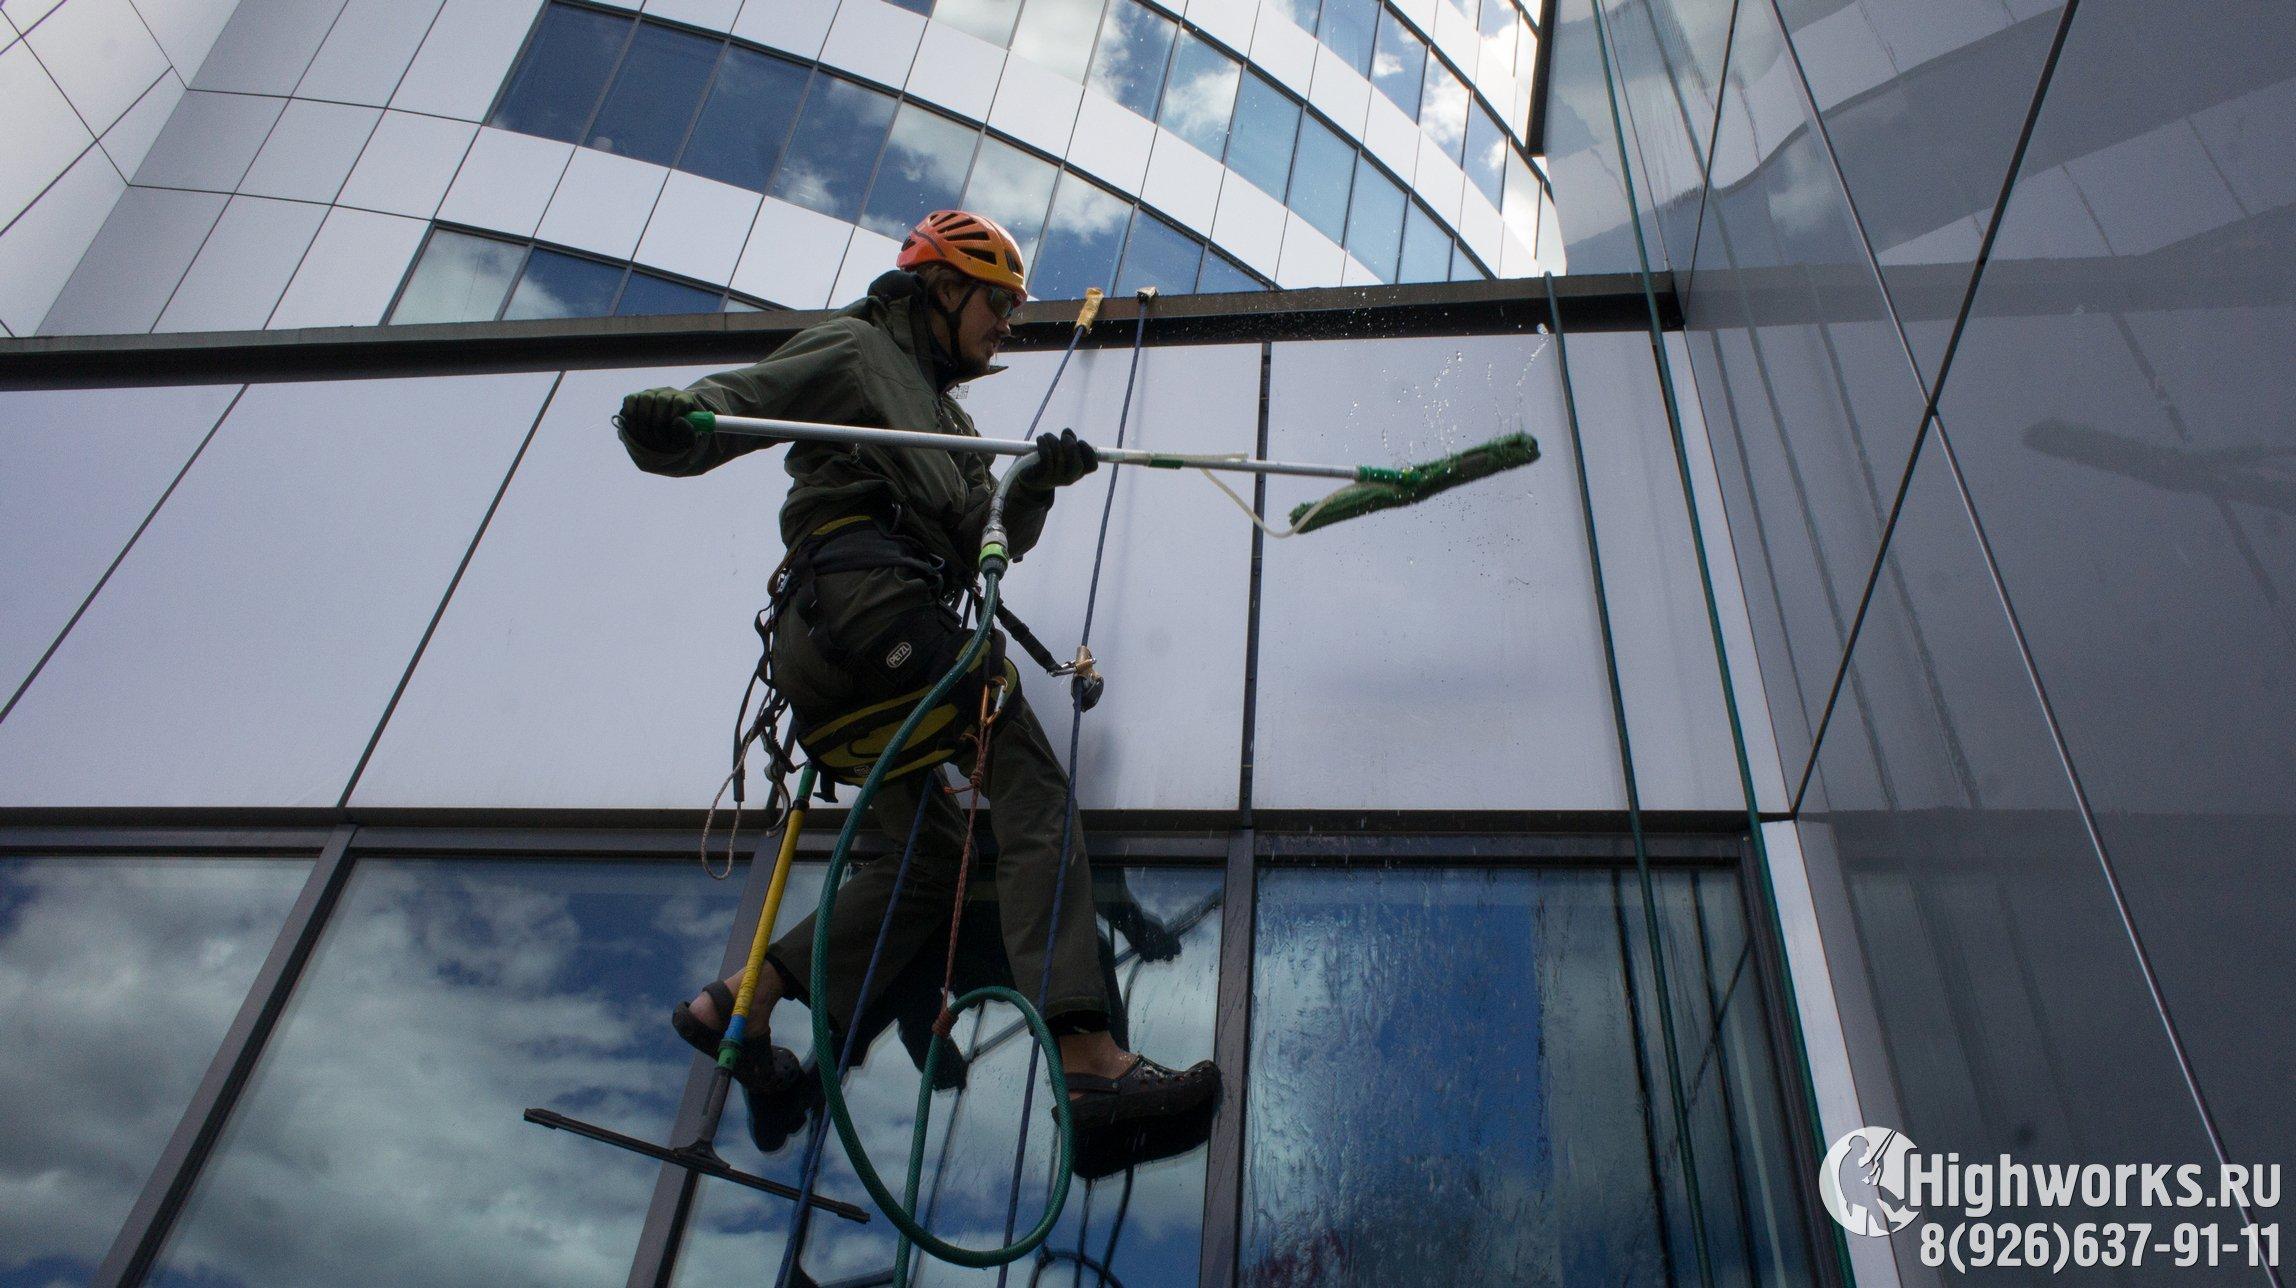 Мойка окон и фасадов промышленными альпинистами